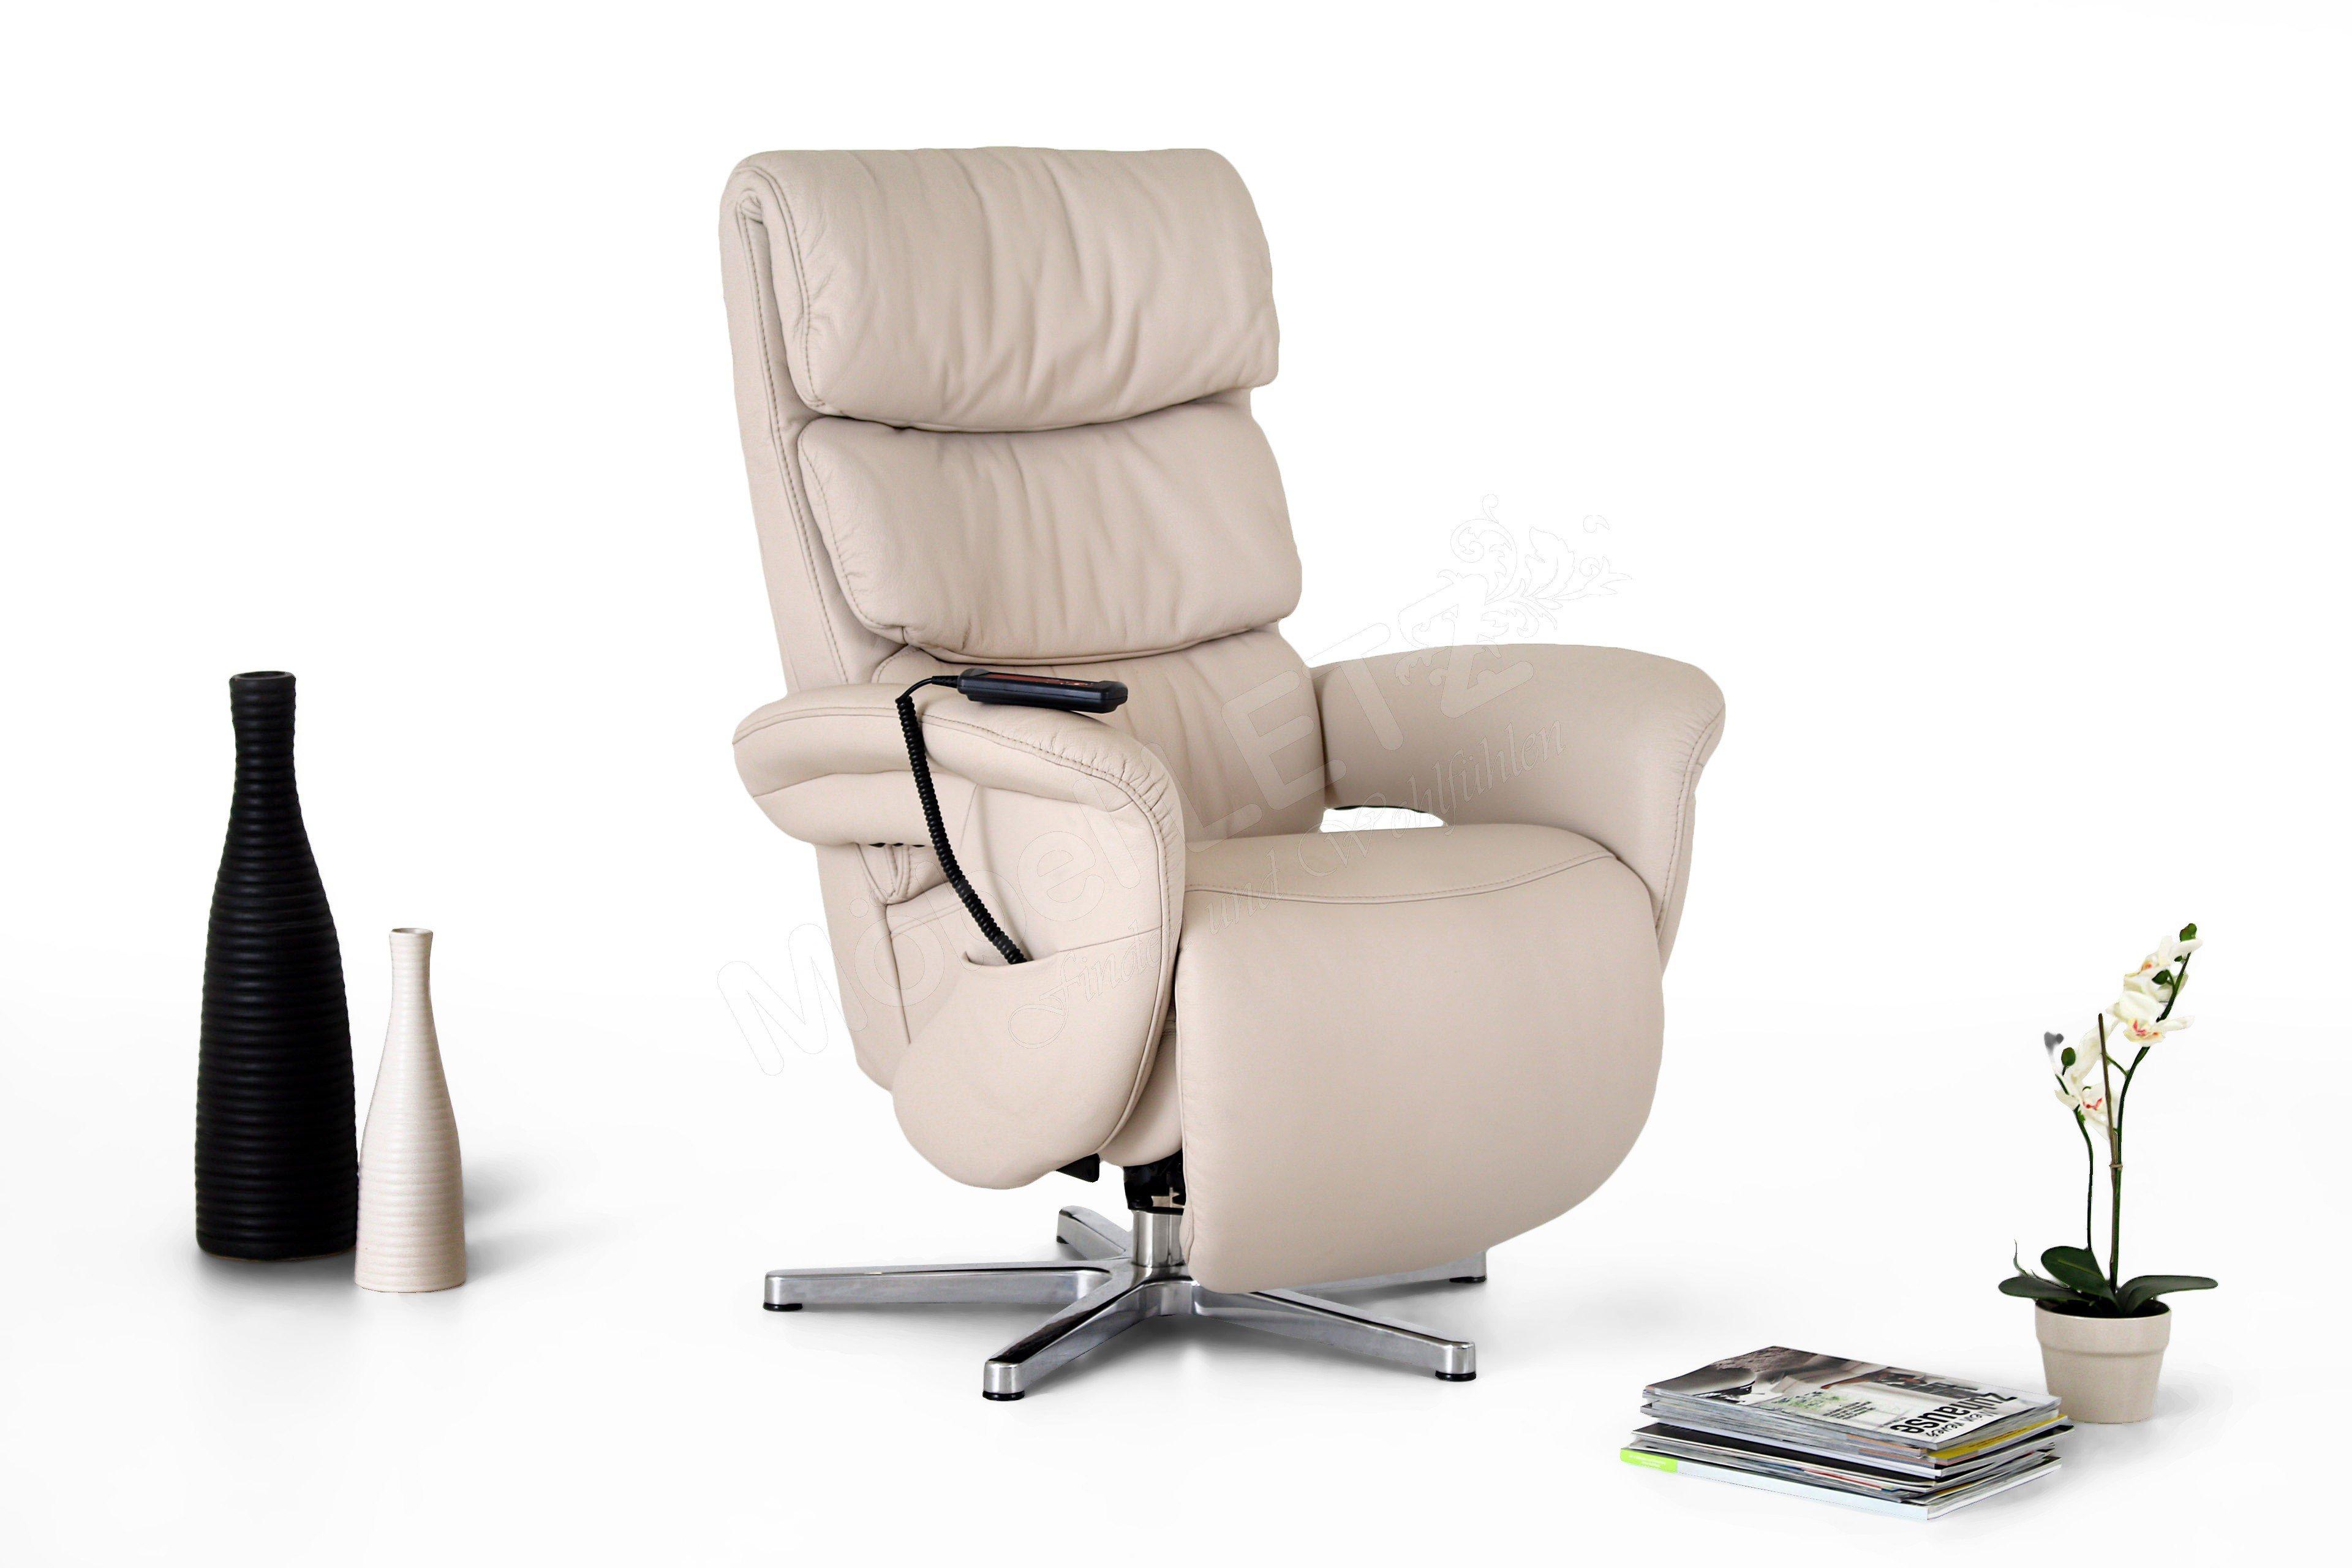 himolla 7228 funktionssessel nebel m bel letz ihr online shop. Black Bedroom Furniture Sets. Home Design Ideas